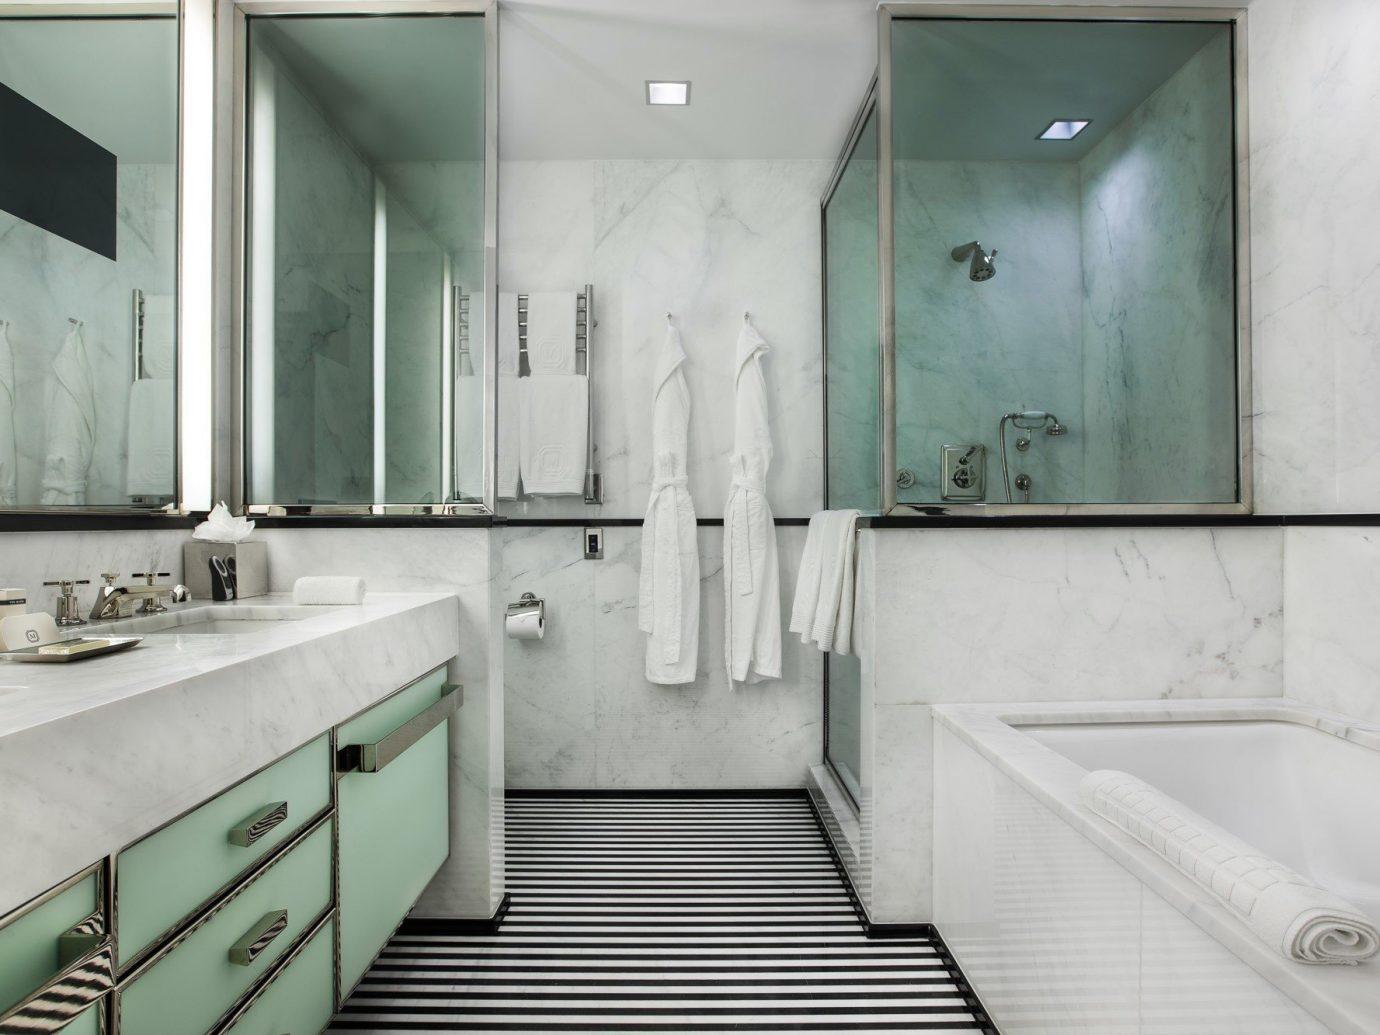 Hotels indoor wall bathroom room property floor interior design plumbing fixture toilet sink public toilet Design tub